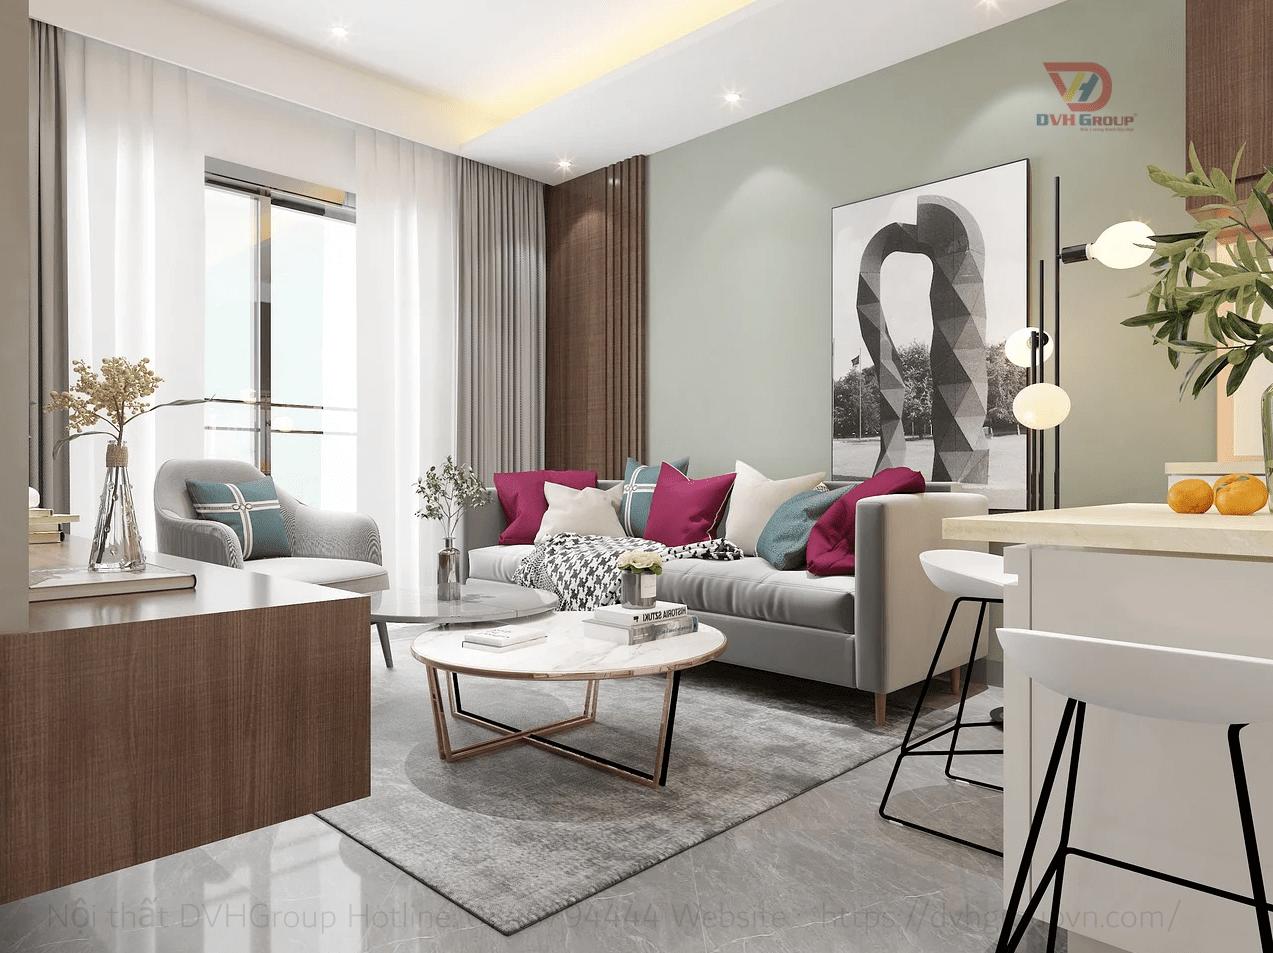 Thi công thiết kế nội thất căn hộ chung cư - Phòng khách